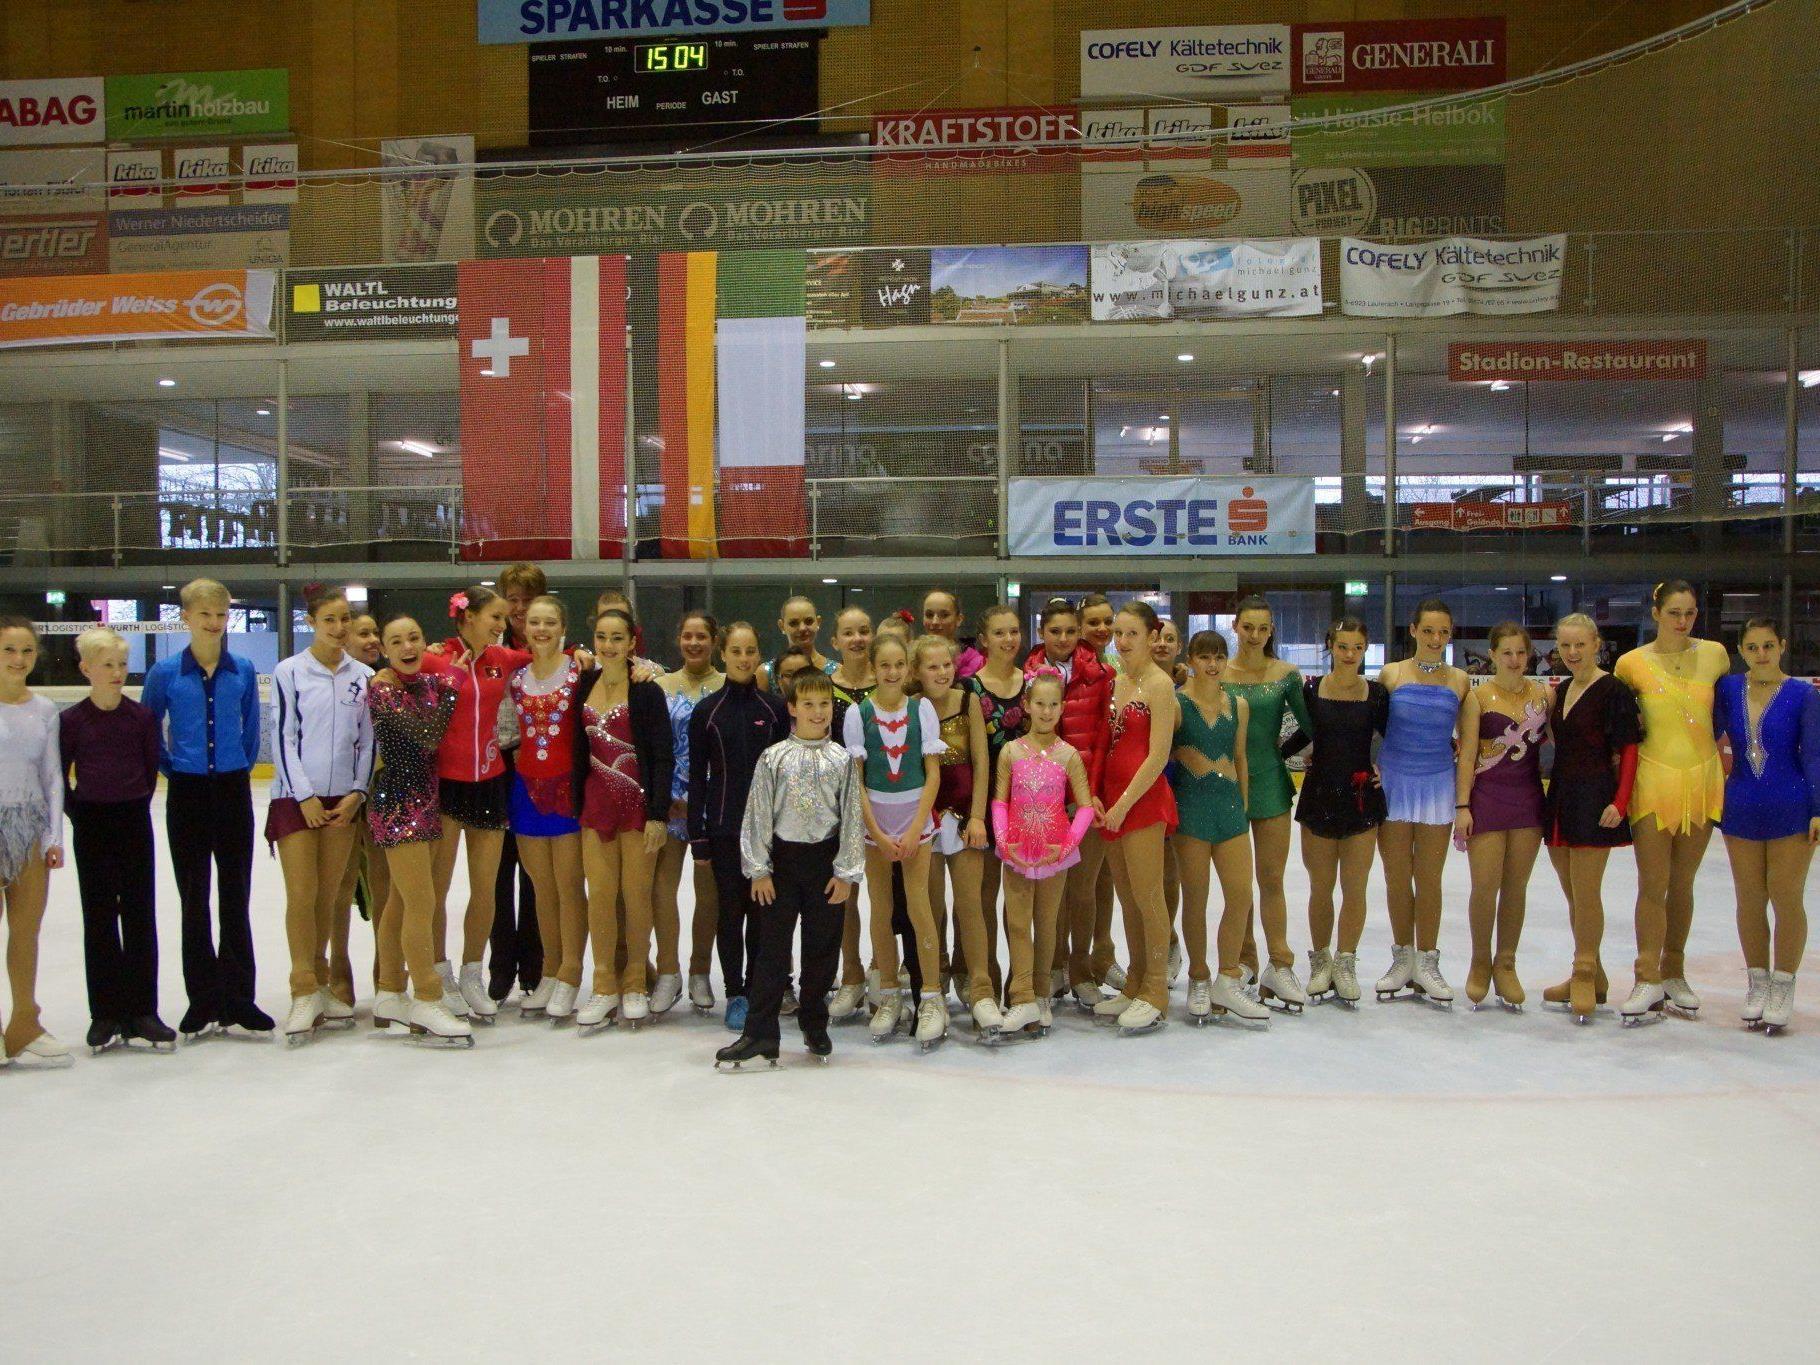 Die Dornbirner Eistrophy brachte wieder gute Leistungen der Nachwuchssportler aus dem Ländle.